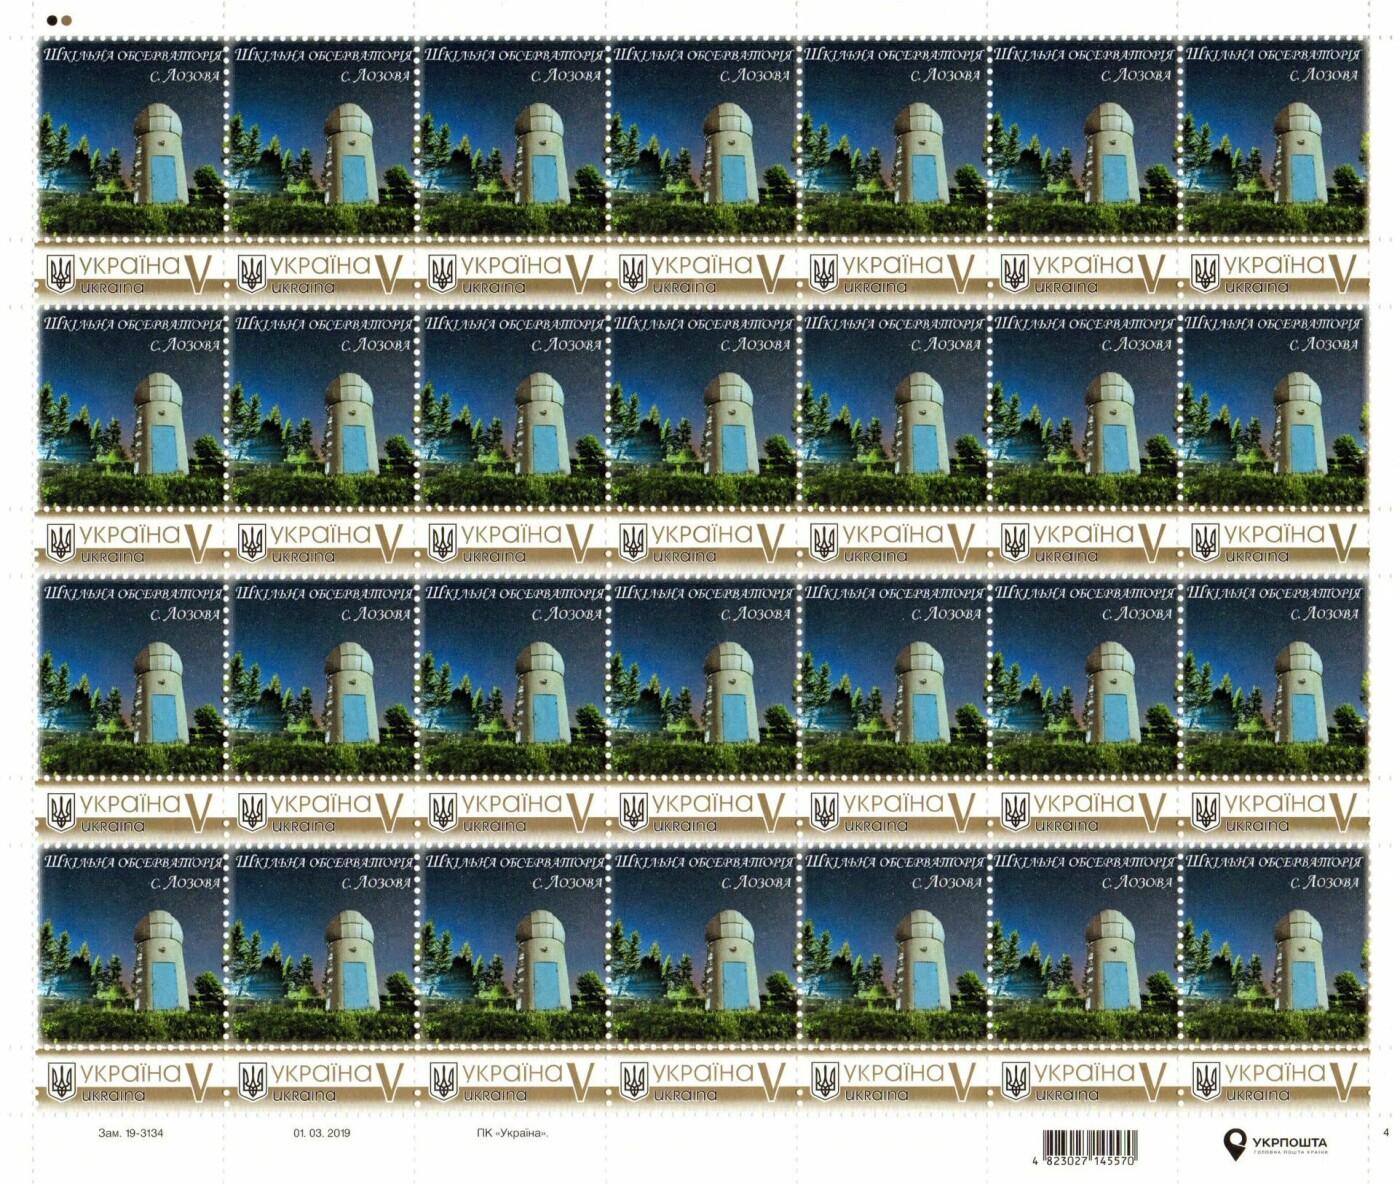 """""""Астрономічна перлина Тернопільщини"""": Укрпошта випустила марки із зображенням унікальної споруди (ФОТО), фото-1"""